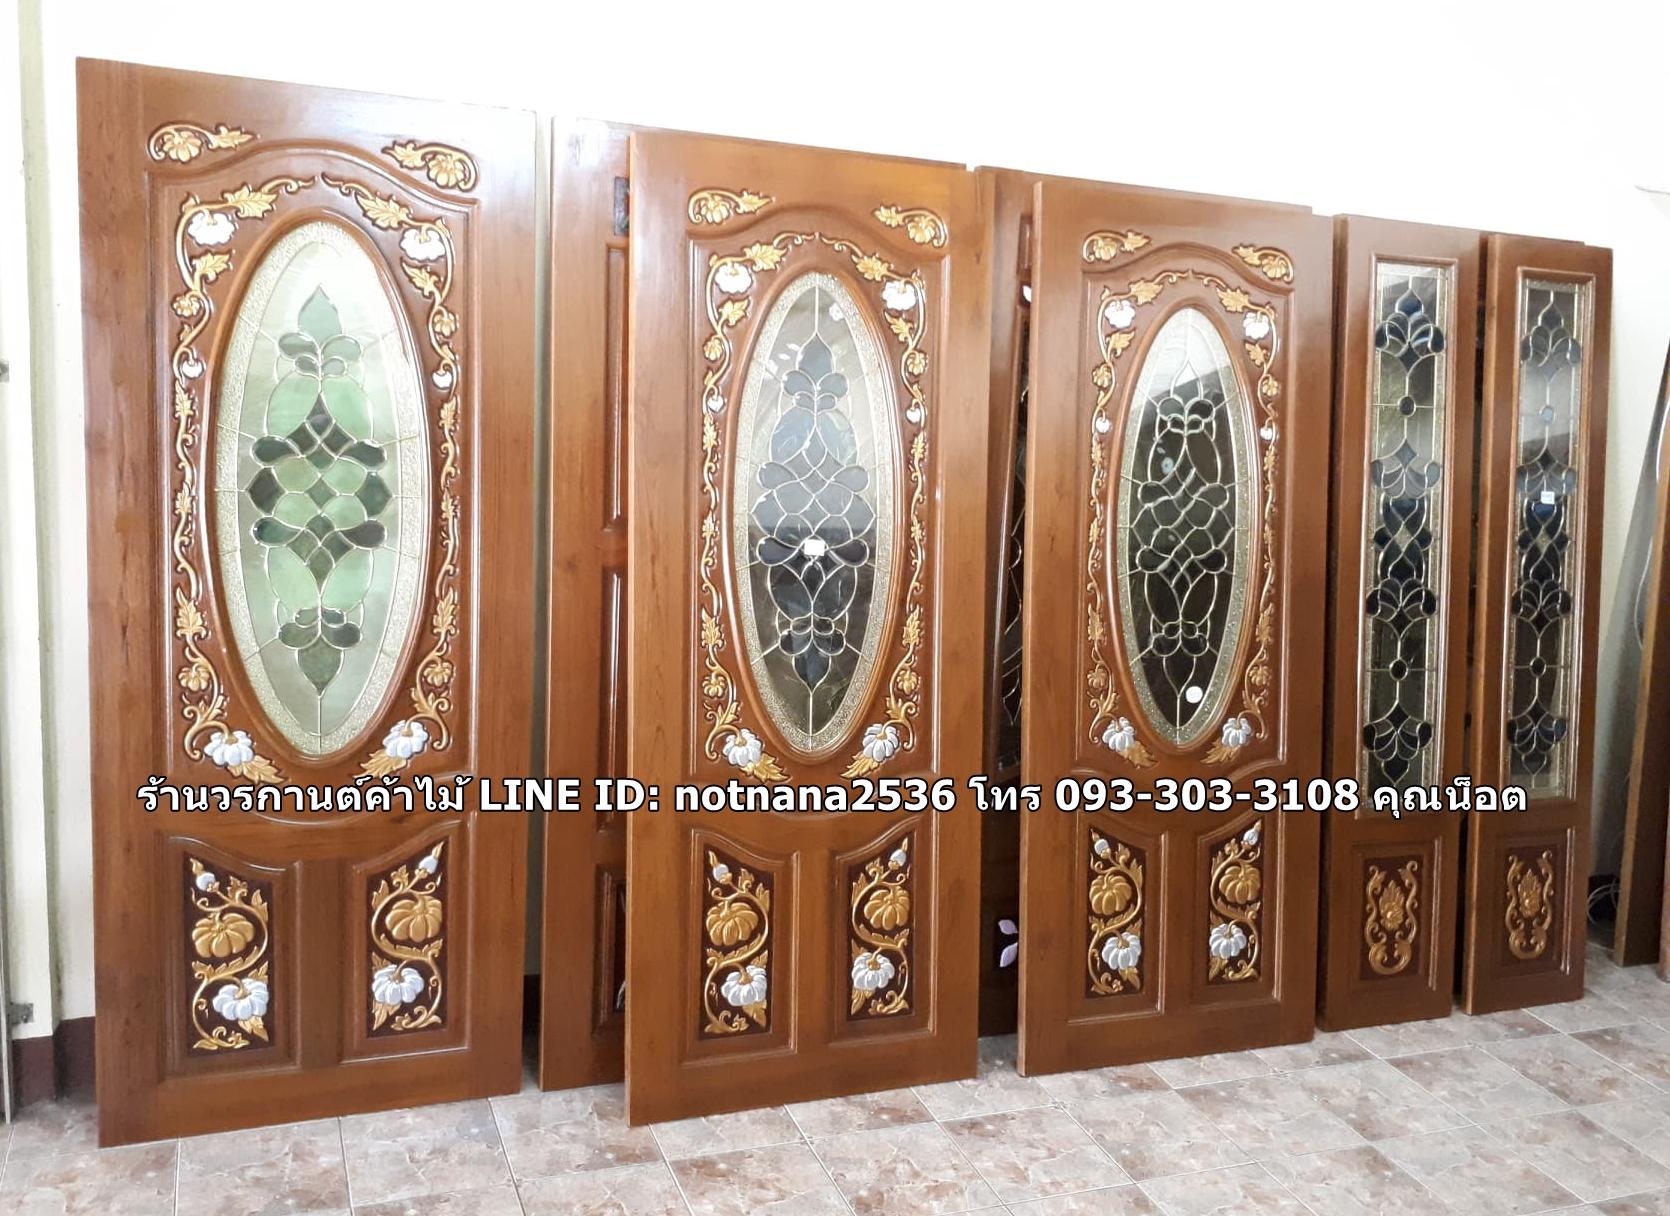 ประตูไม้สักกระจกนิรภัย ทางร้านมี ประตูไม้สักกระจกนิรภัย แบบประตูบ้าน ให้ท่านเลือกมากมาย ประตบานเลื่อน ประตูไม้สักกระจกนิรภัย